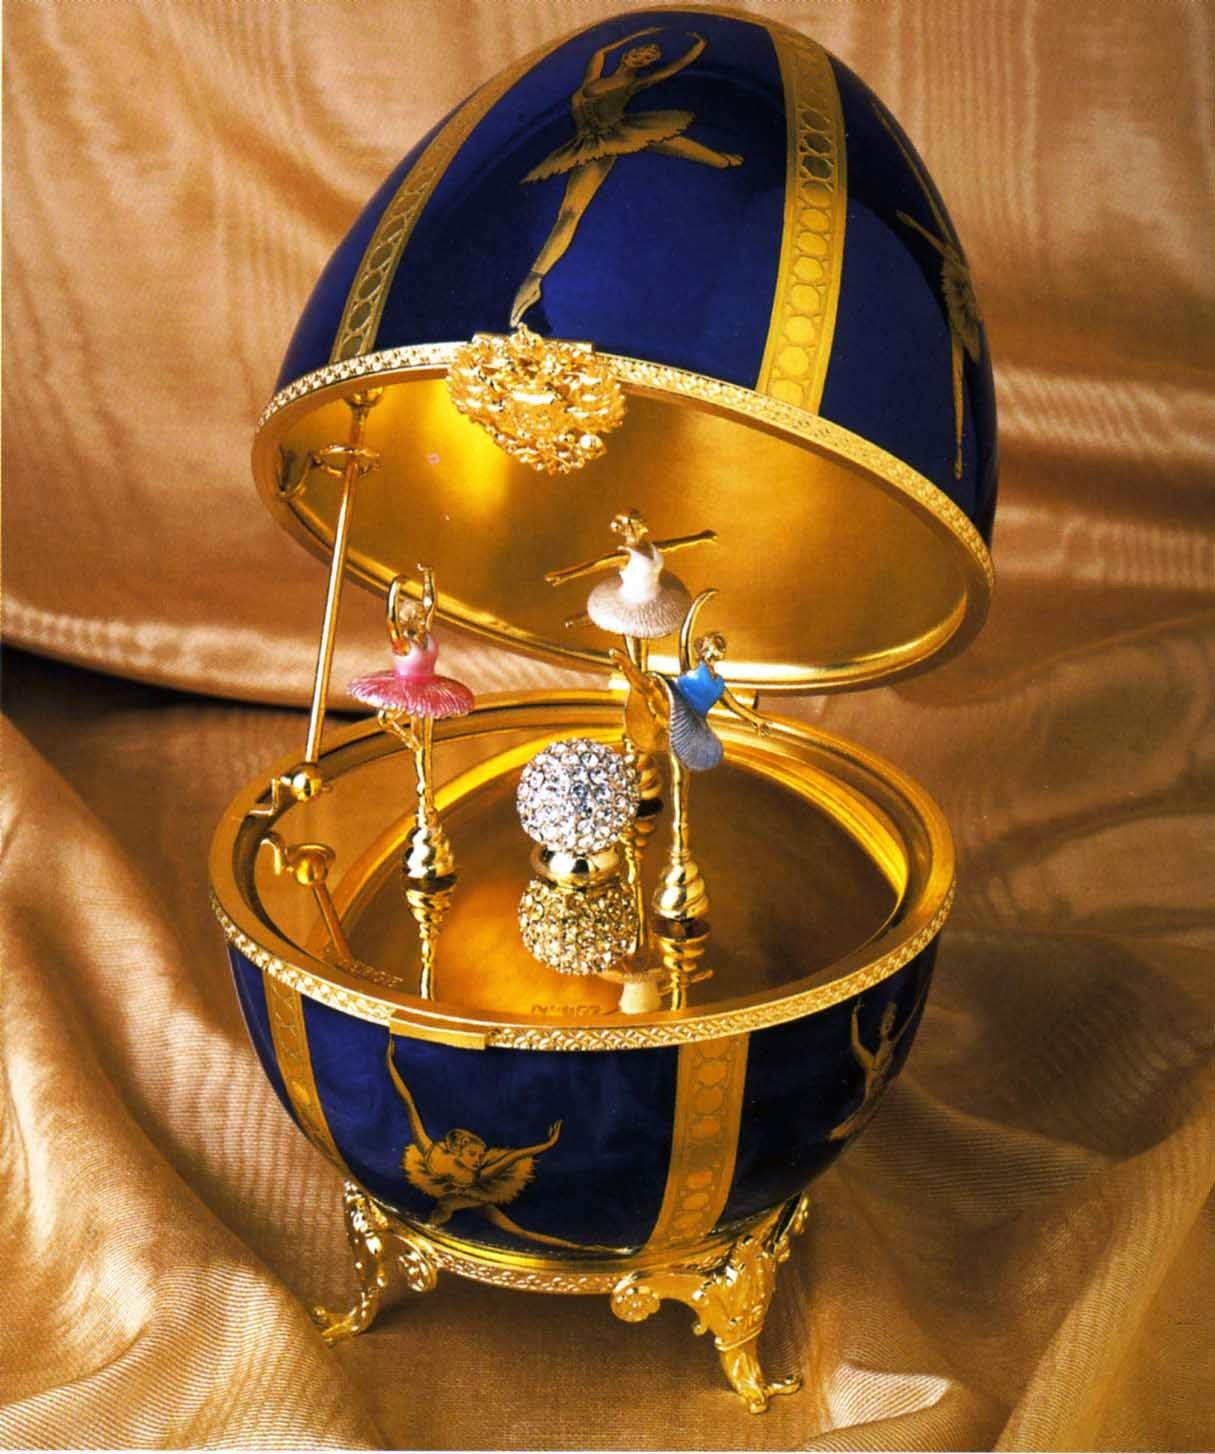 Easter Faberge ballerina egg